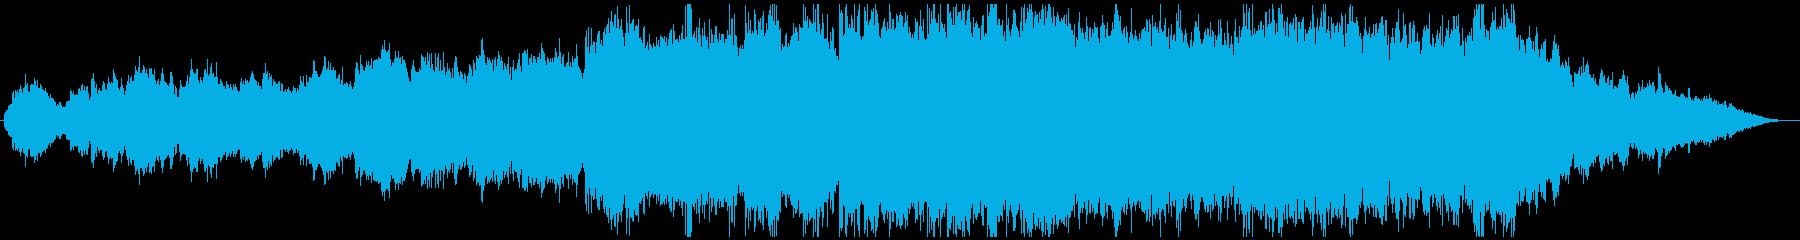 笛の音色が古き良き日本をイメージさせる曲の再生済みの波形